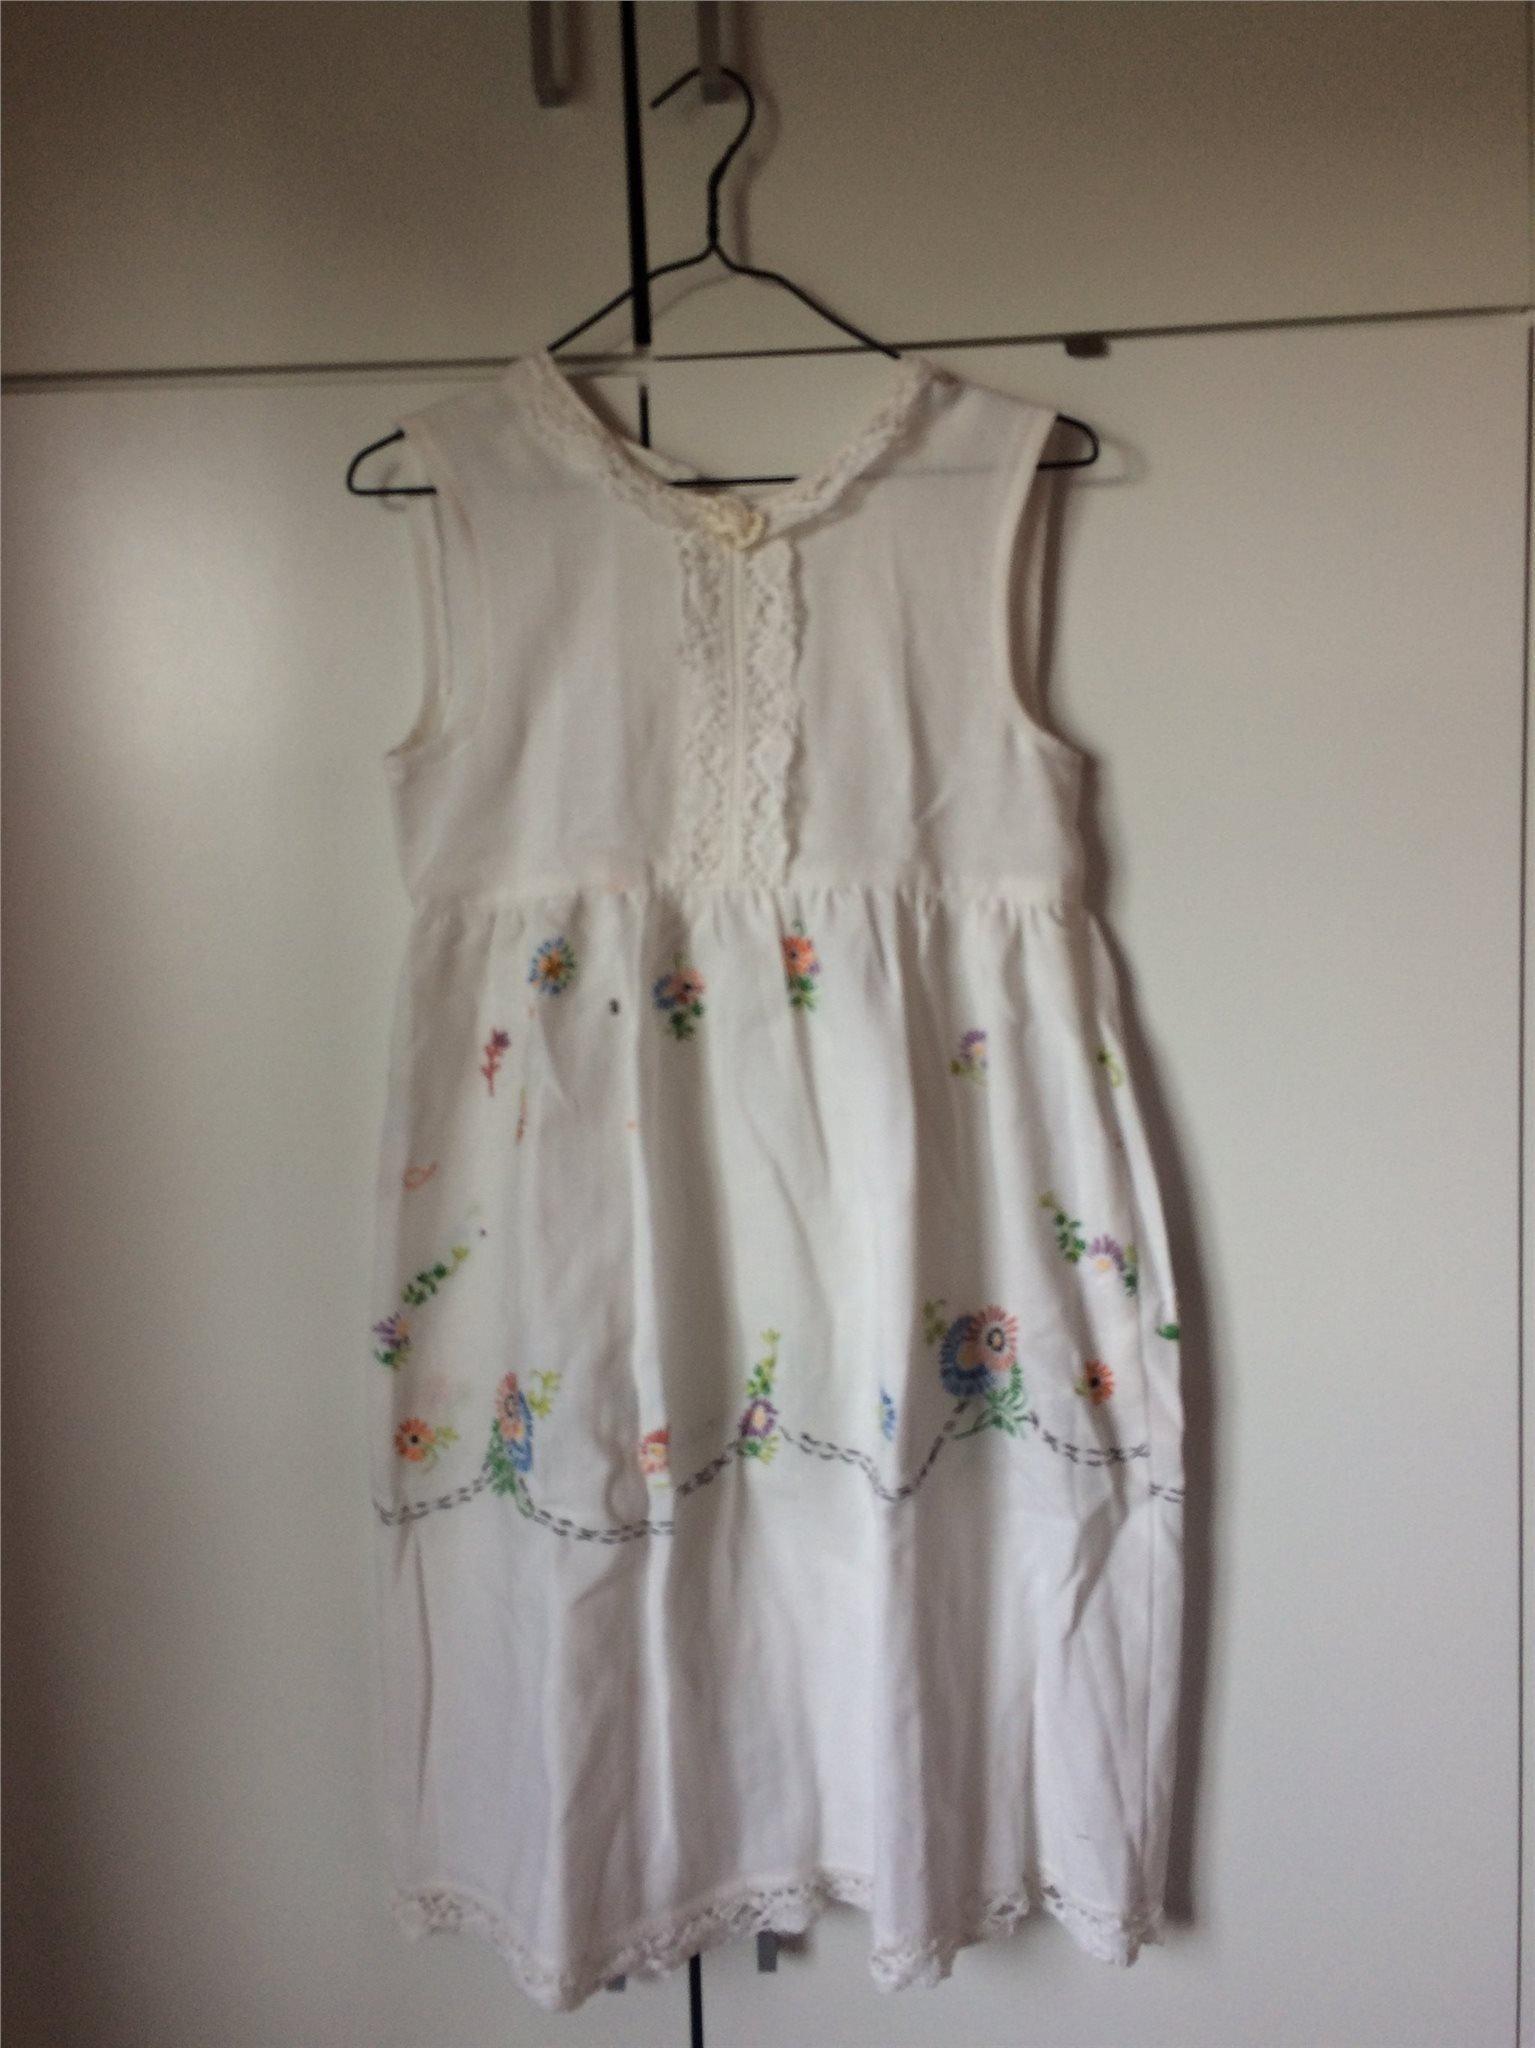 419a5399d459 vit klänning, broderade blommor spets rosett, hemmasydd midsommar  skolavslutning ...